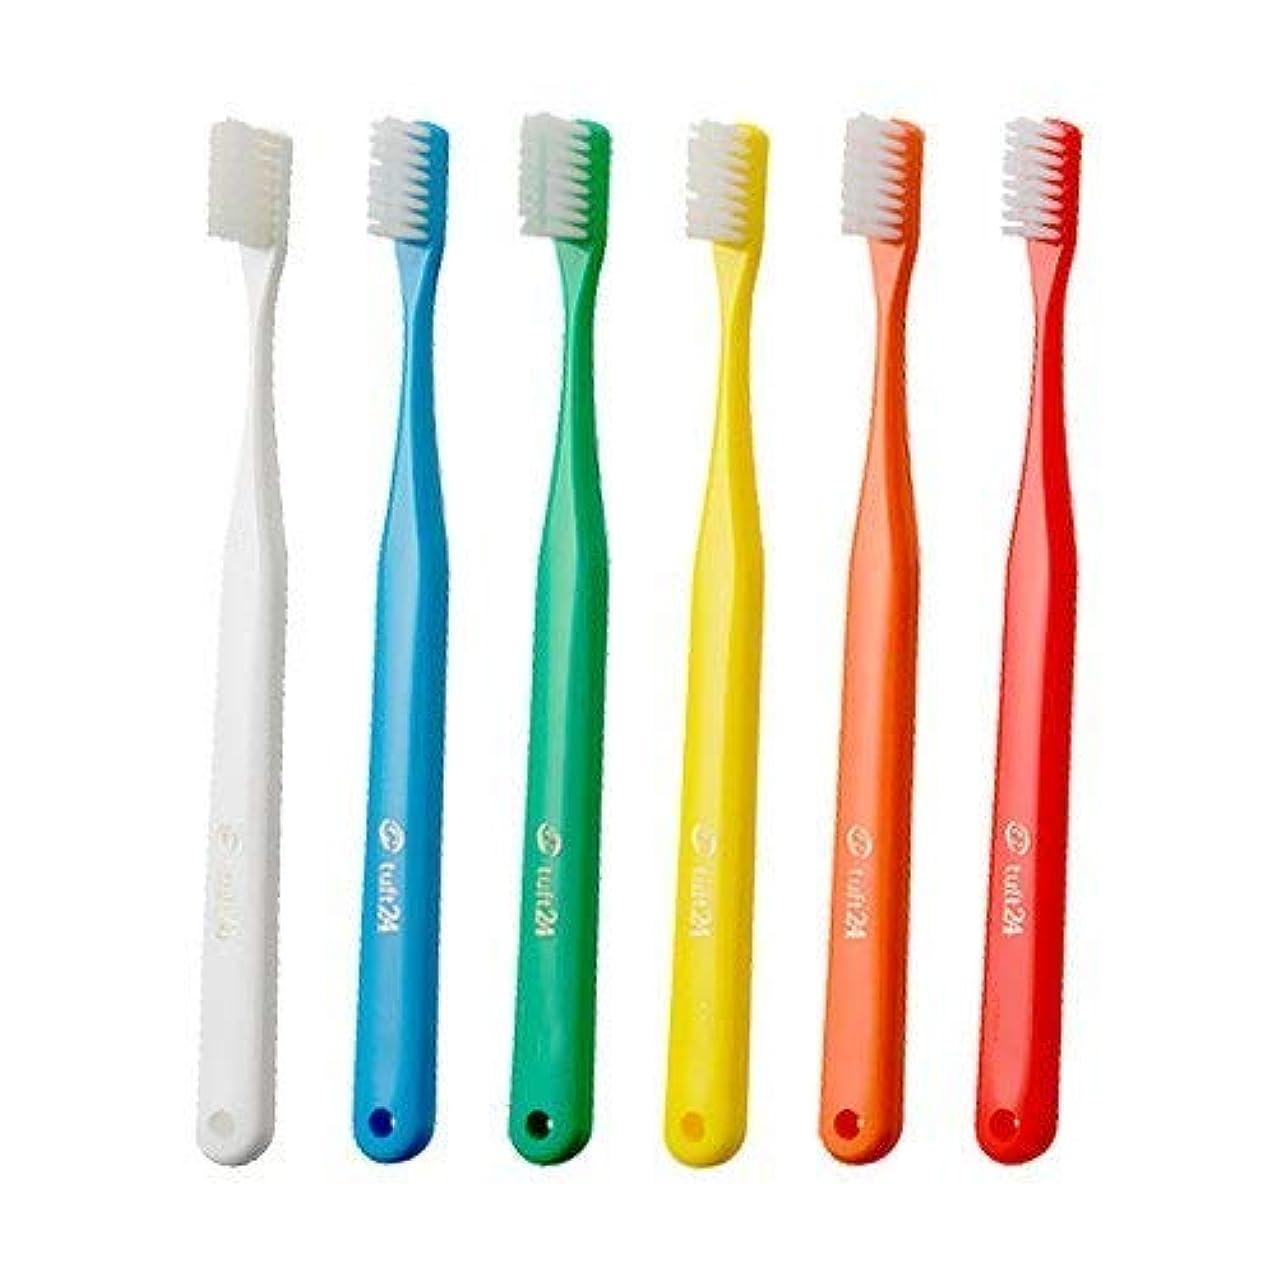 同時回転する予防接種するキャップなし タフト24 歯ブラシ × 25本入 MS アソート